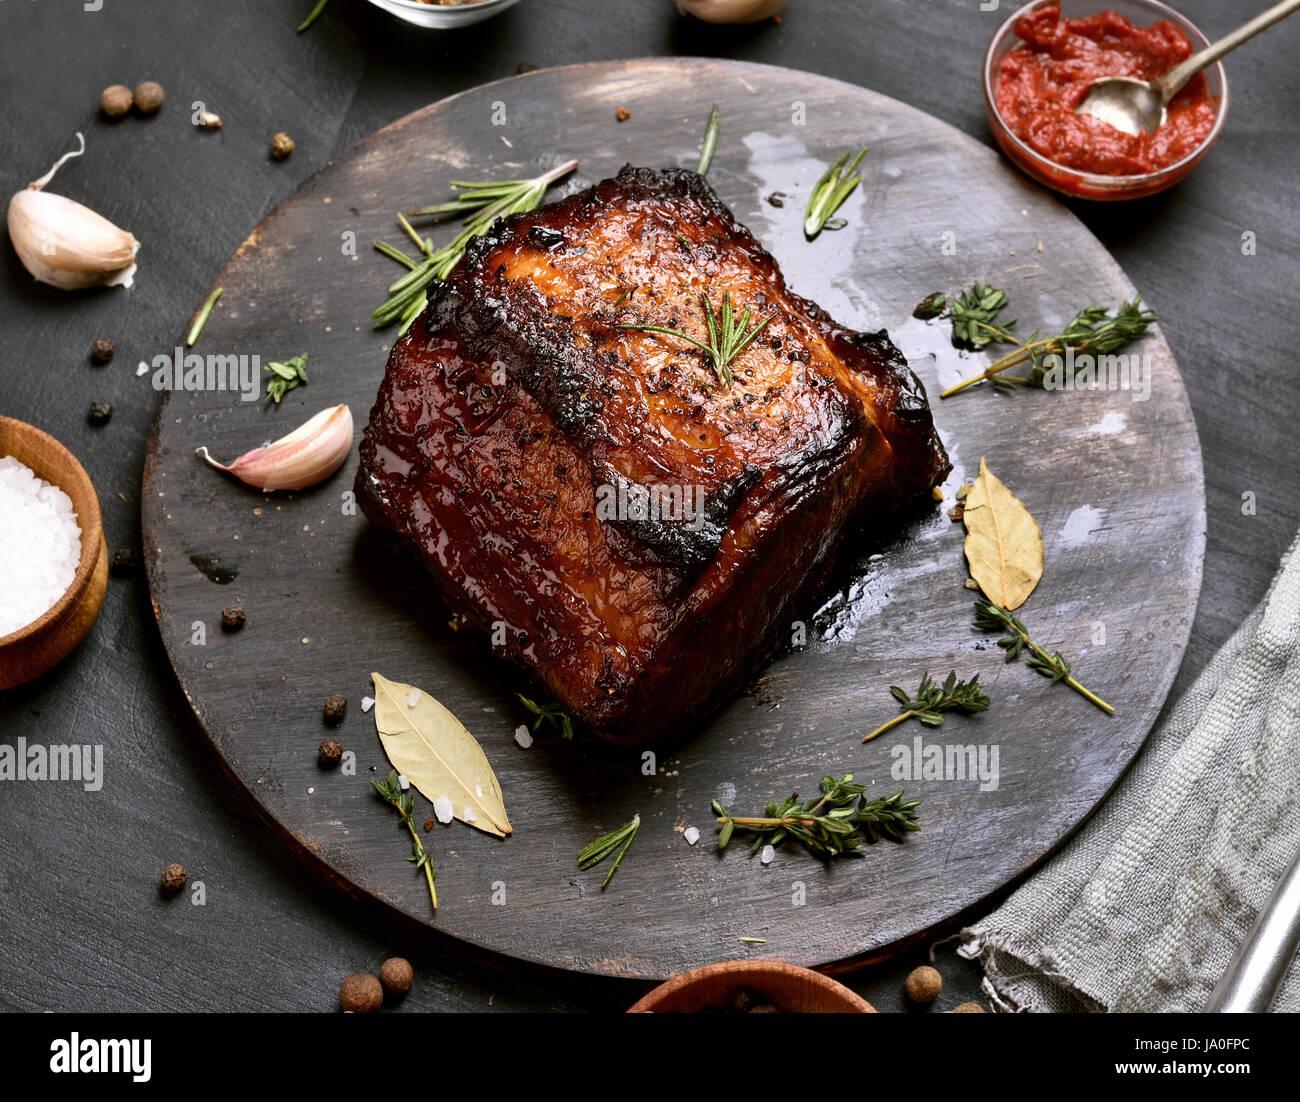 Installations pour barbecue, grillades de viandes de porc sur planche de bois Photo Stock